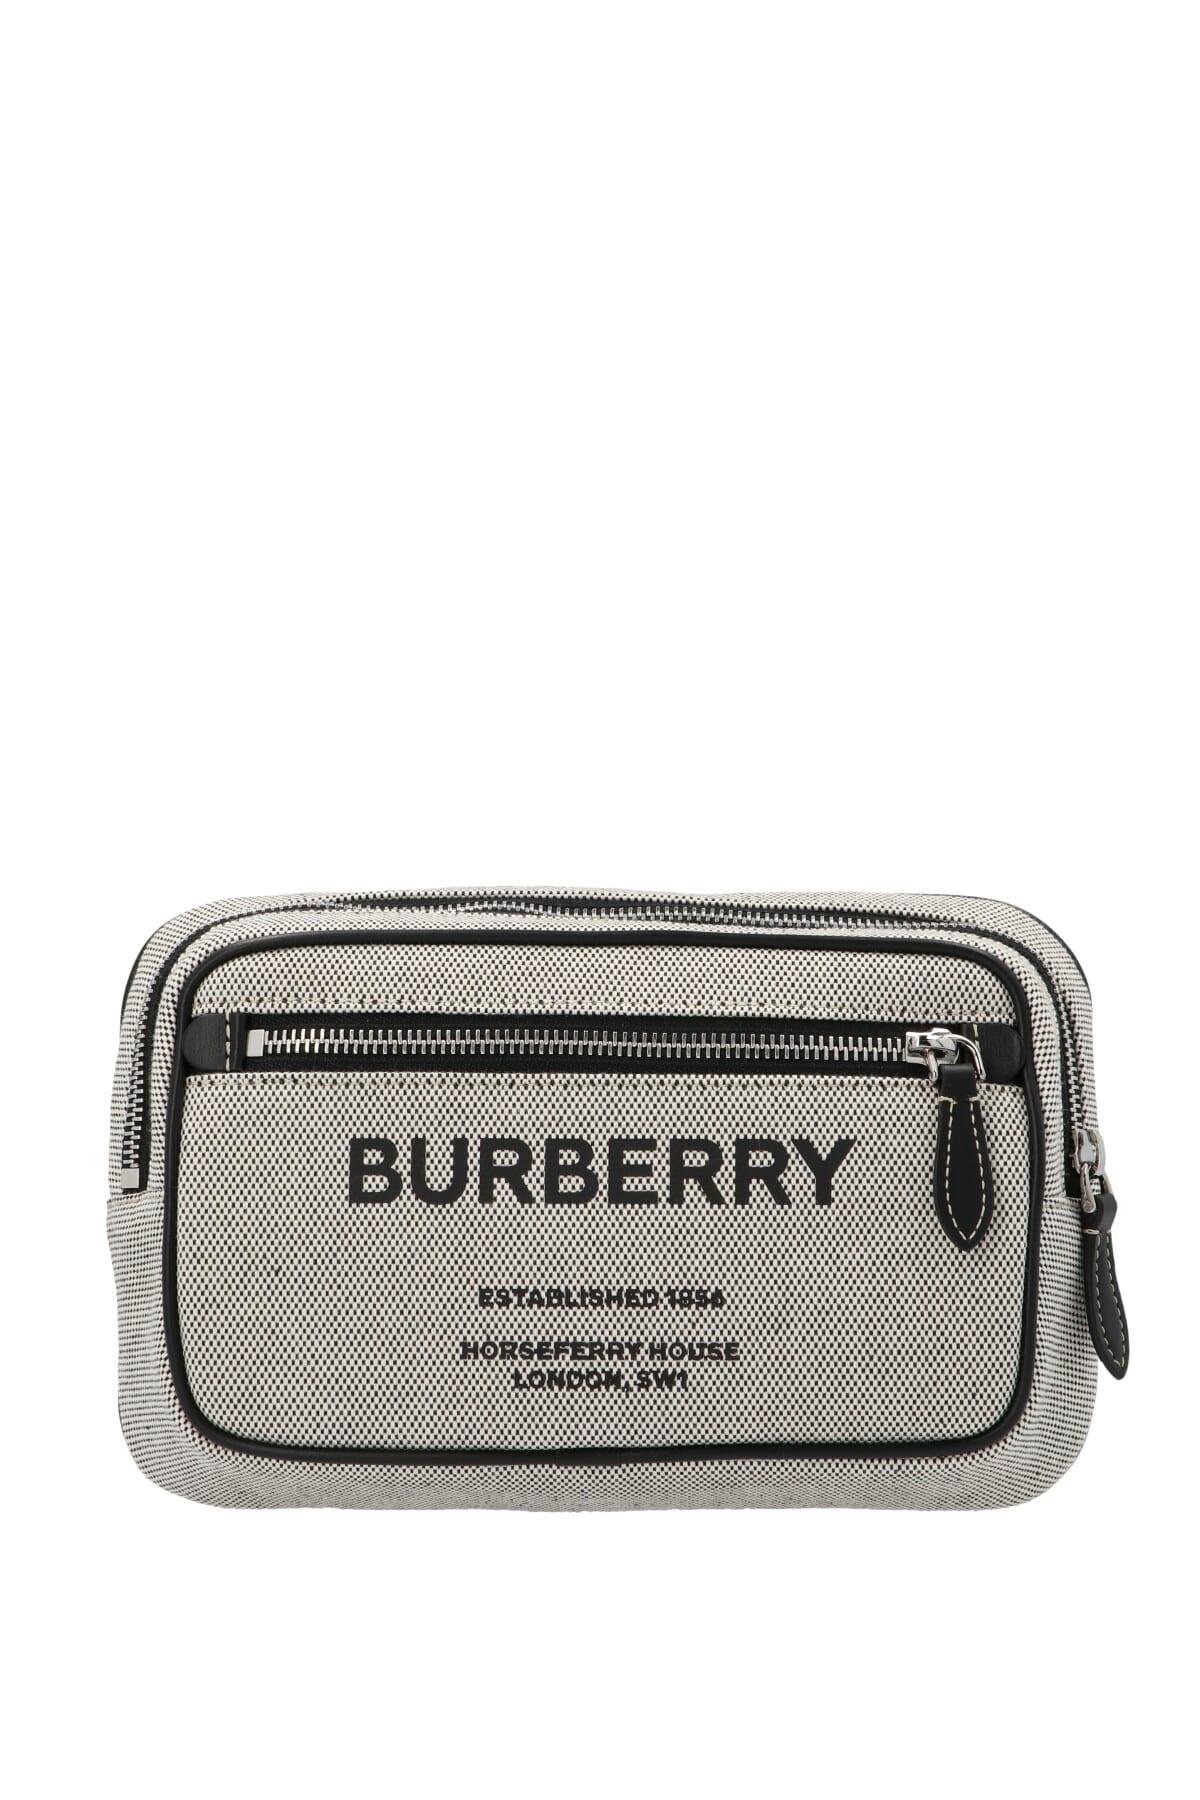 BURBERRY HORSEFERRY BAG